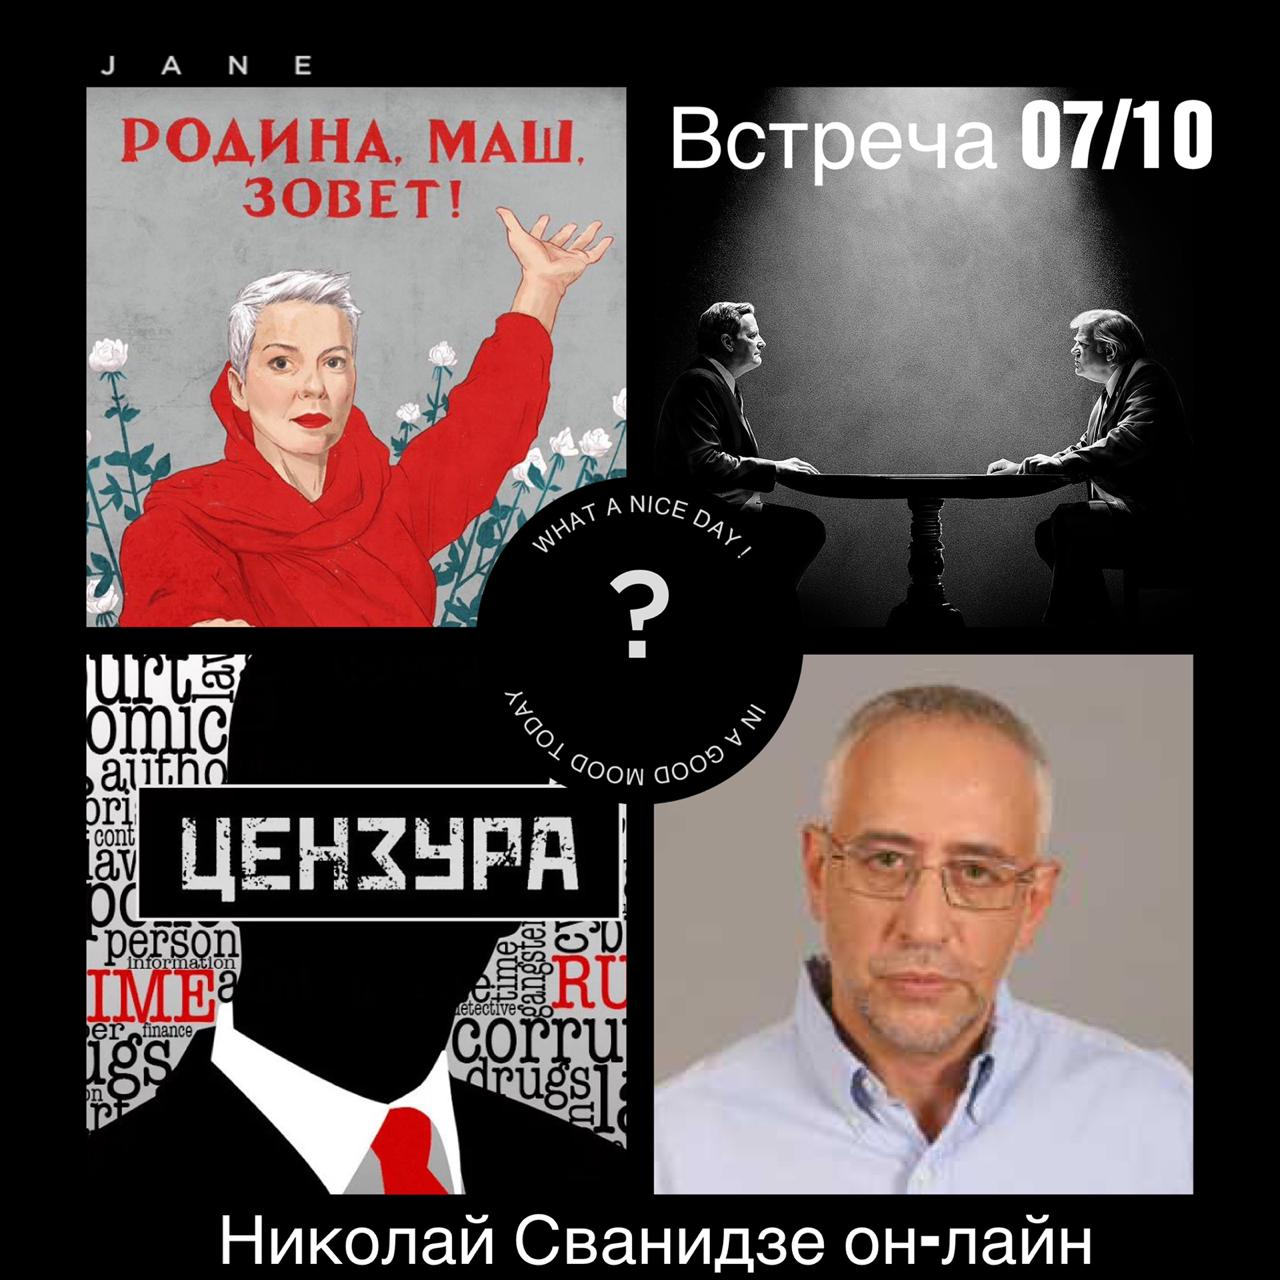 07 октября — Вебинар Николая Сванидзе «Политический диагноз и прогнозы»